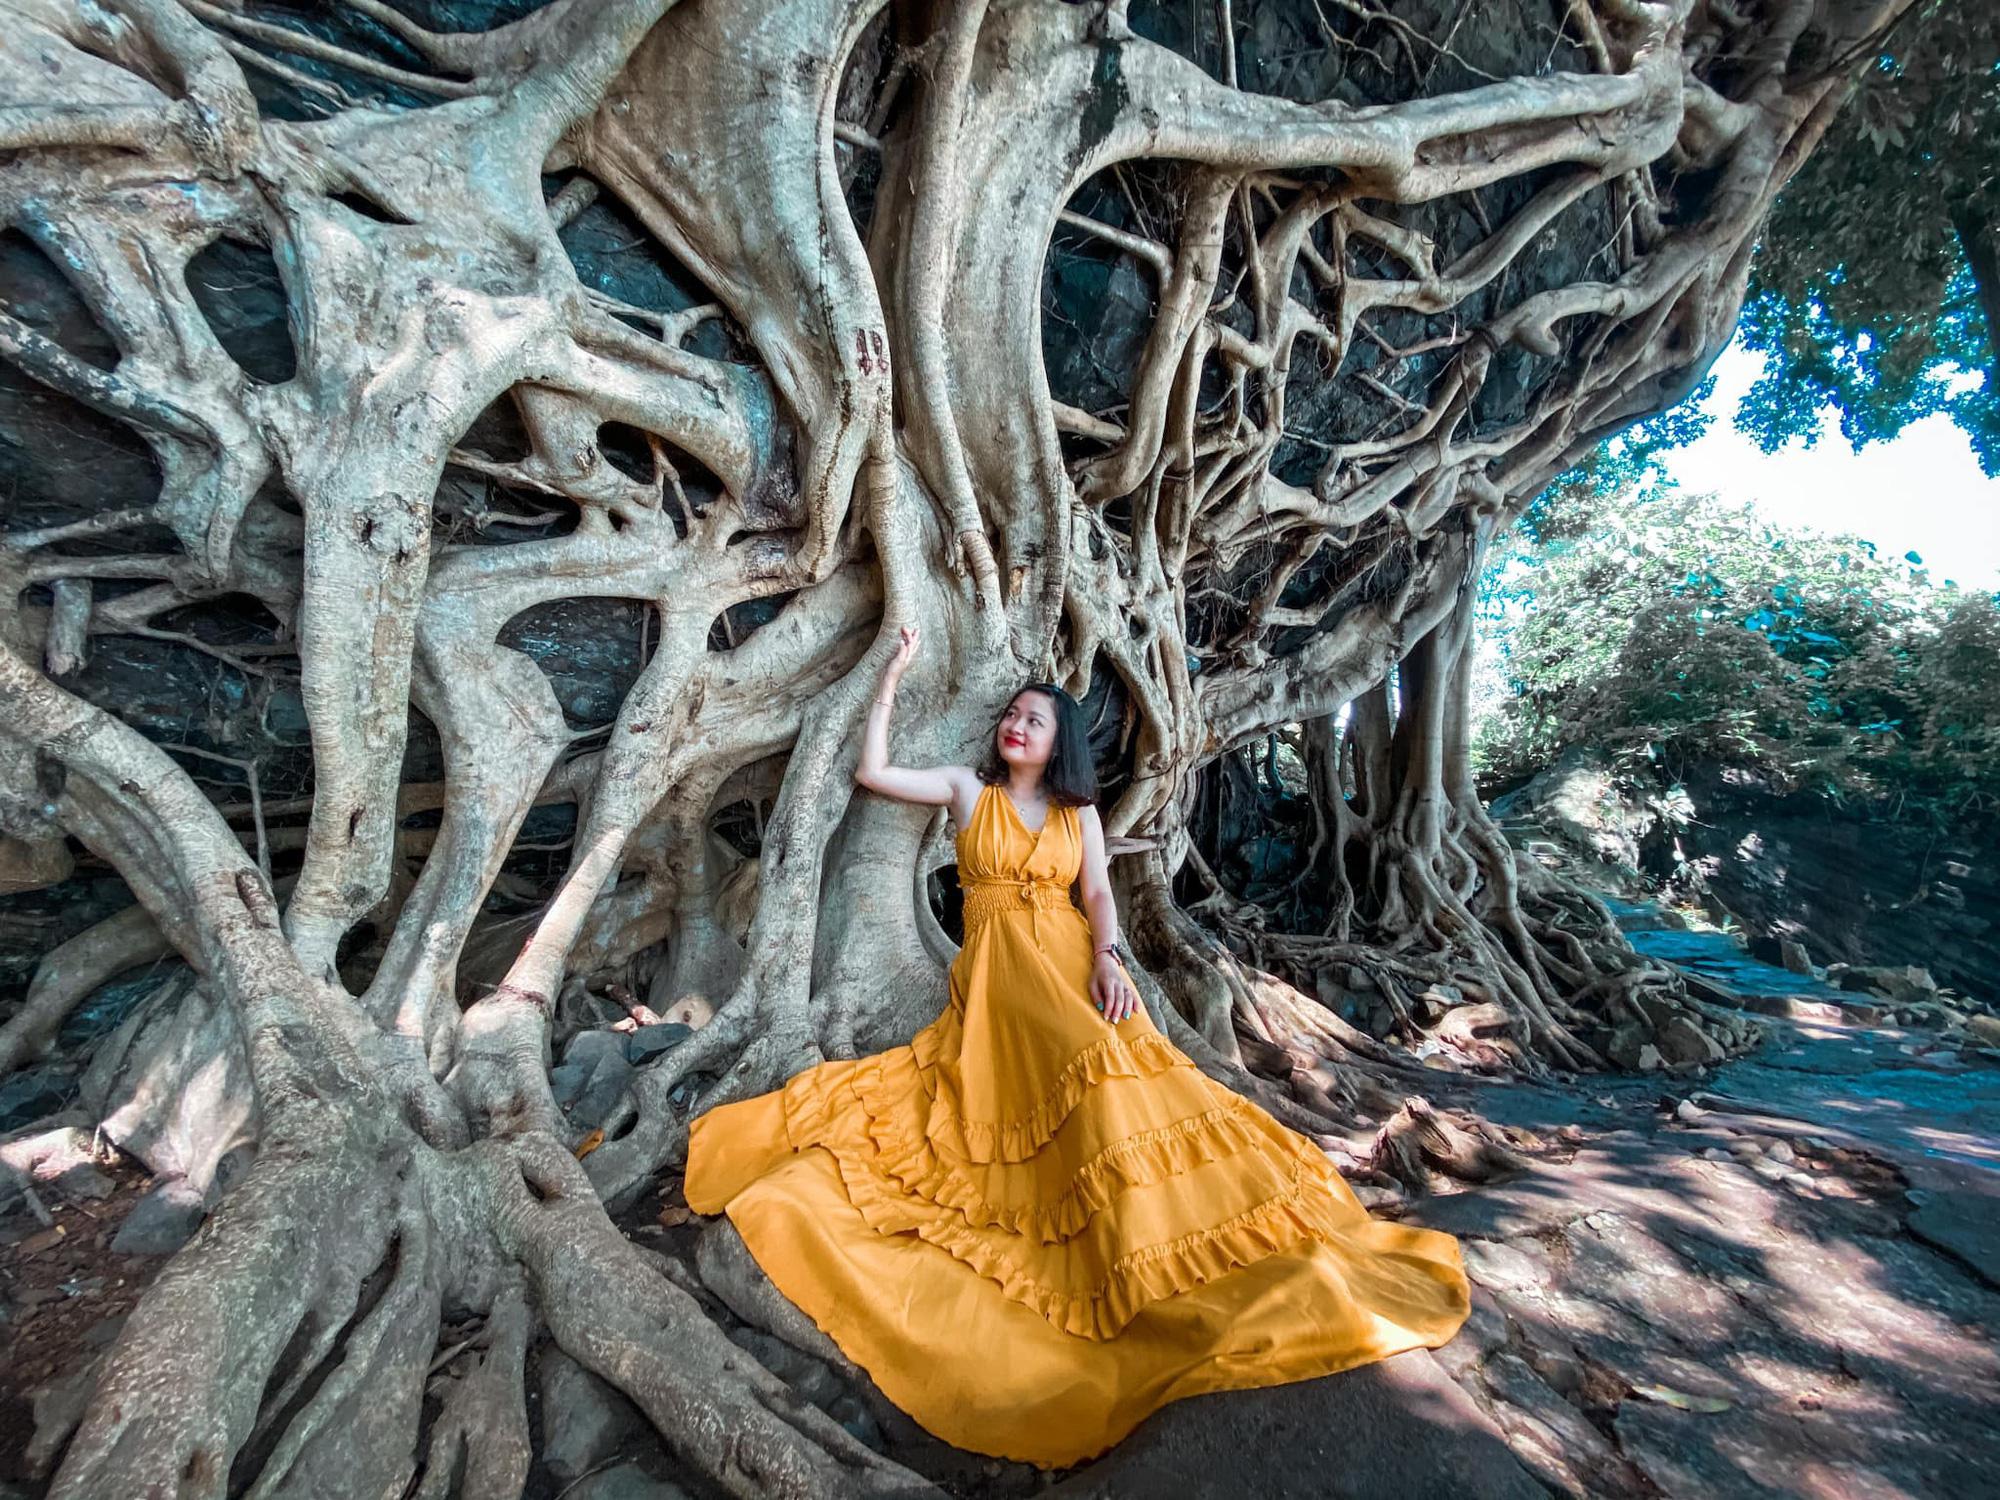 """Cây si cổ thụ có bộ rễ """"khủng"""" hút du khách tới chụp ảnh ở Đắk Lắk - Ảnh 1."""